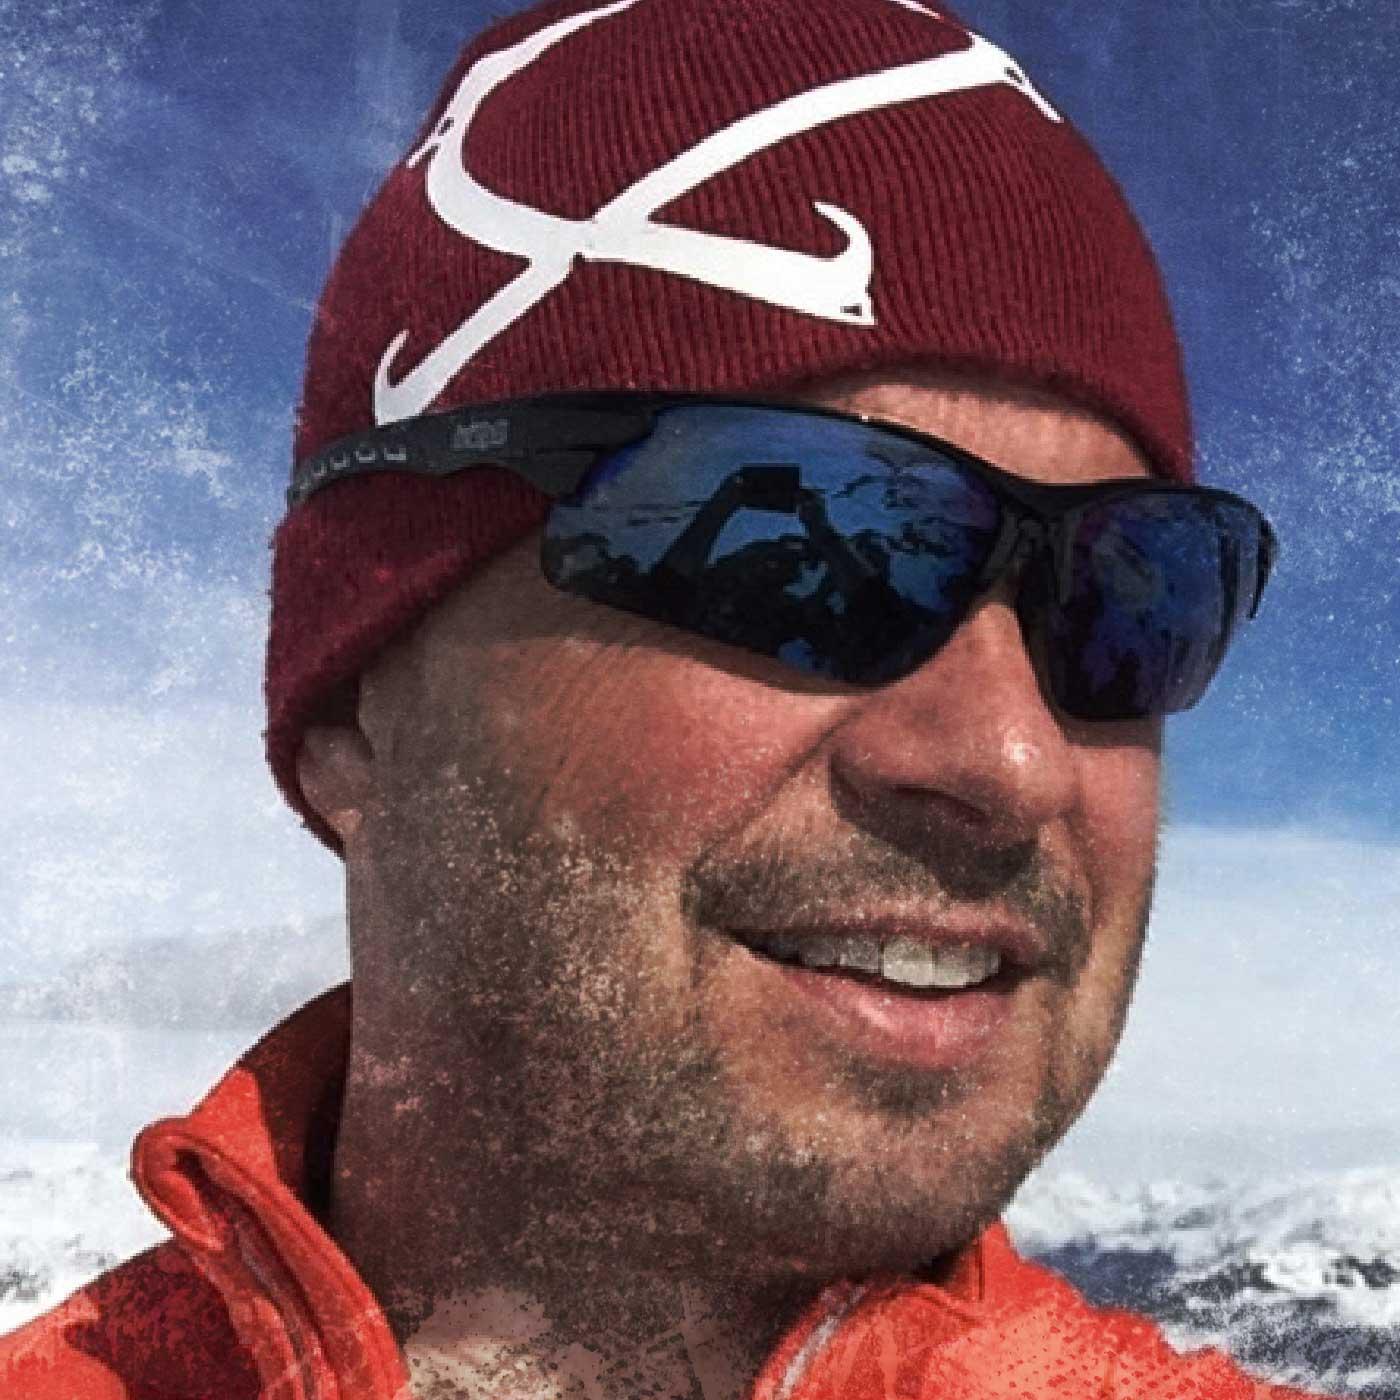 AUDUN HUNSHAMMER COO HUSKI Norway audun@huskichocolate.com +47 90 060 090